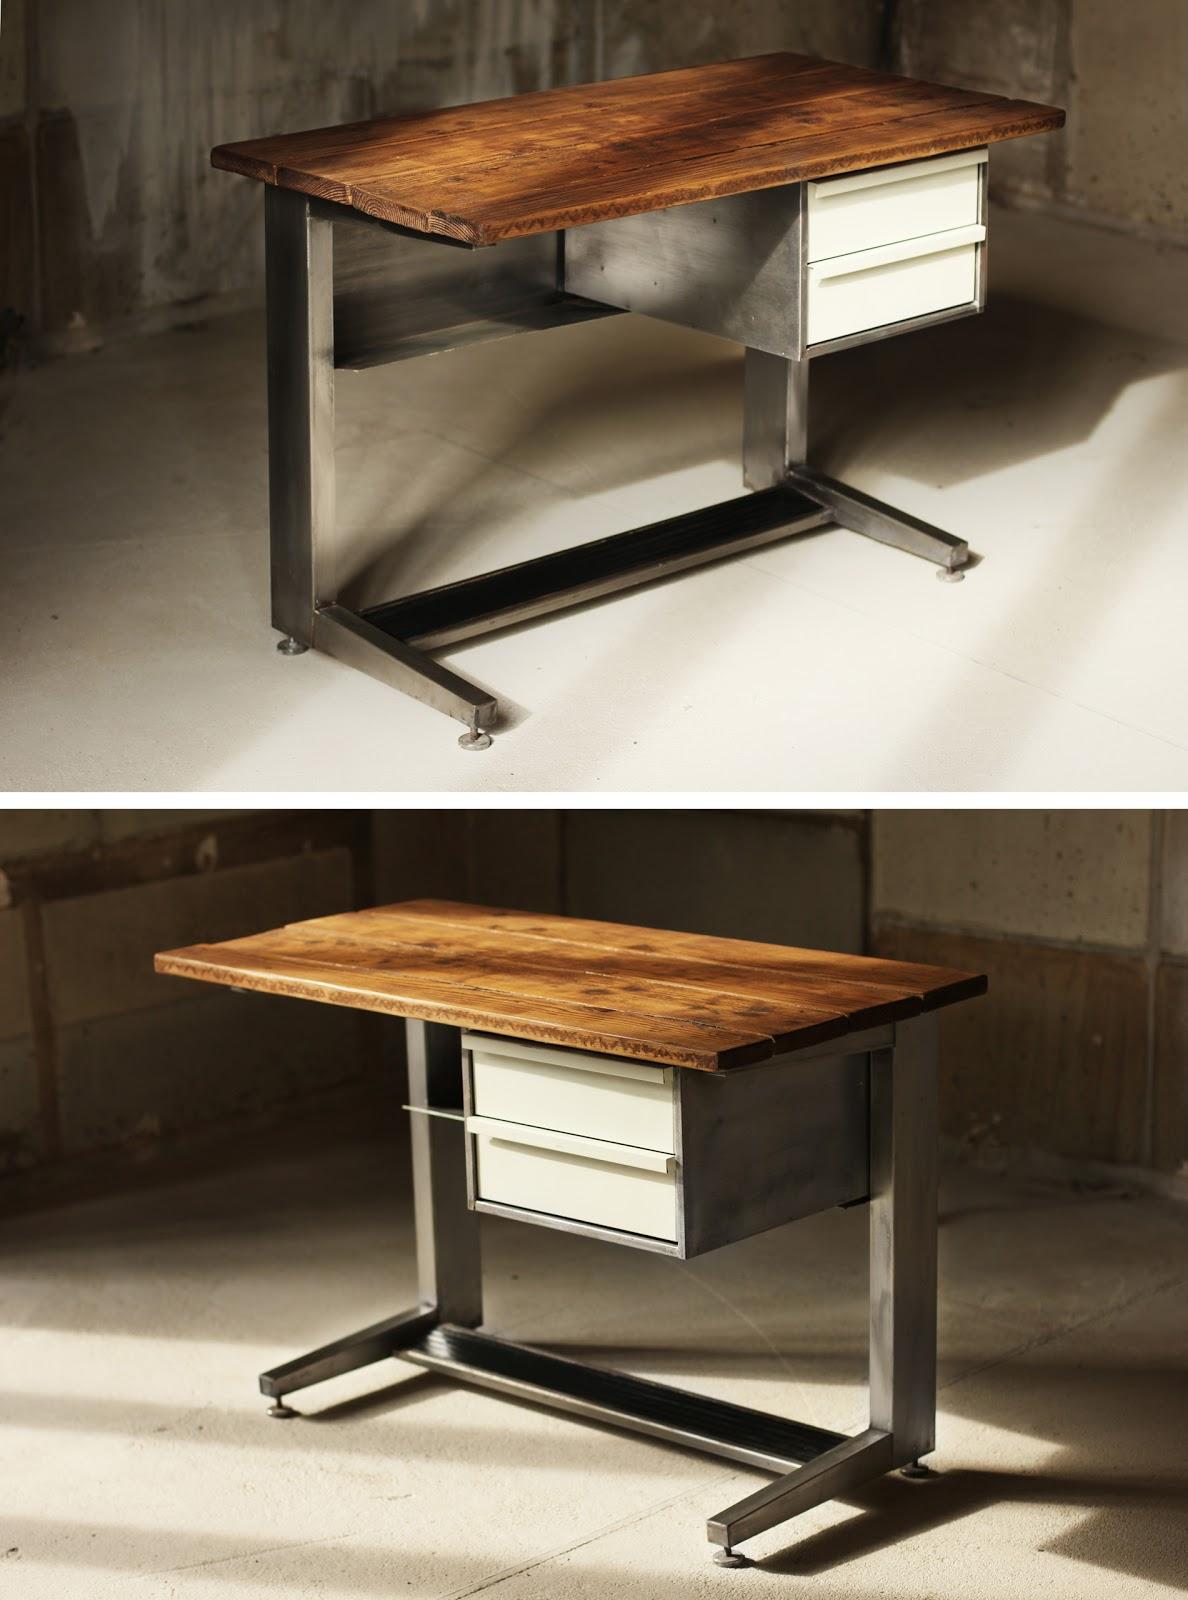 de derri re les fagots le bureau 300 euros vendu. Black Bedroom Furniture Sets. Home Design Ideas